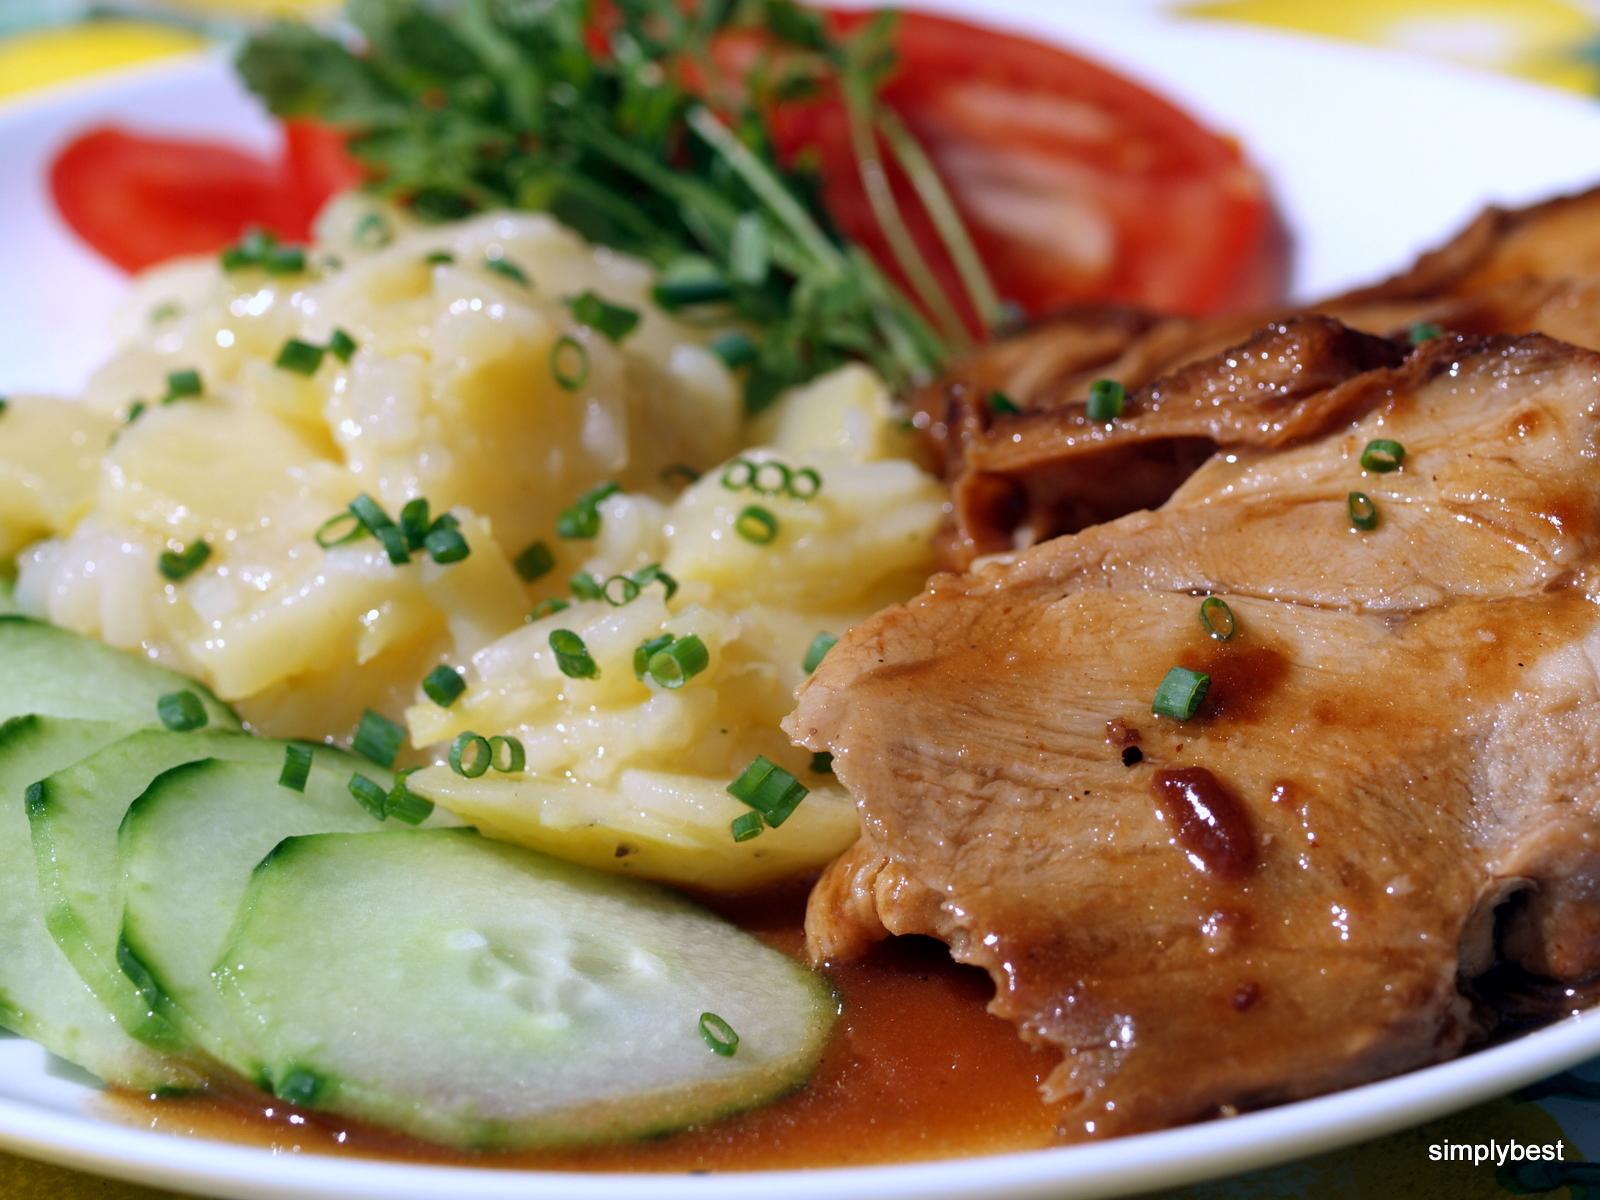 In Schwäbisch (dialect) - Schwoibrade mid kardoffl salad )